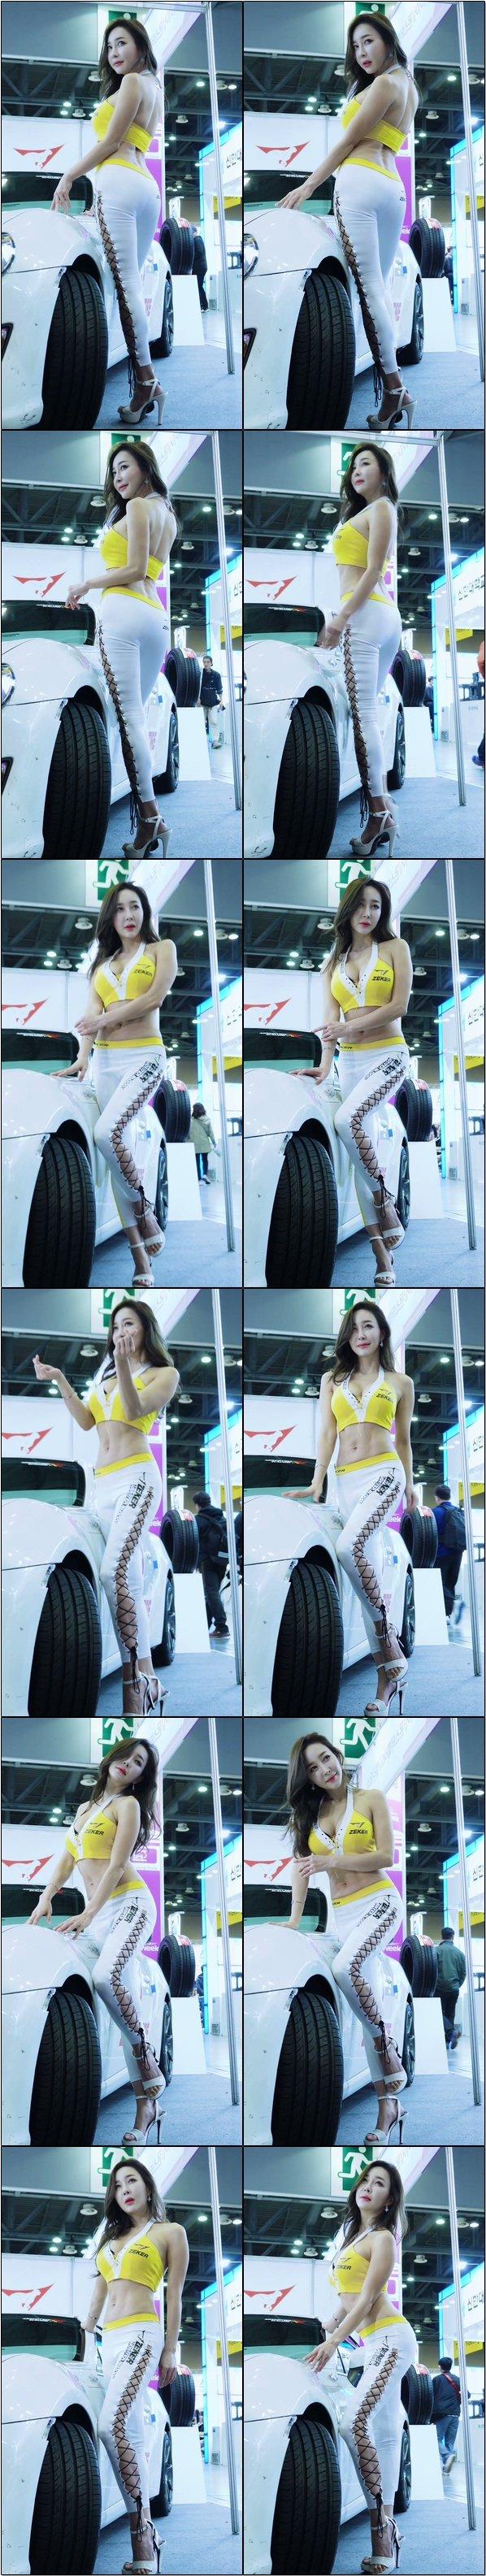 [會展模特] 韓國車展性感模特精選飯拍2020581